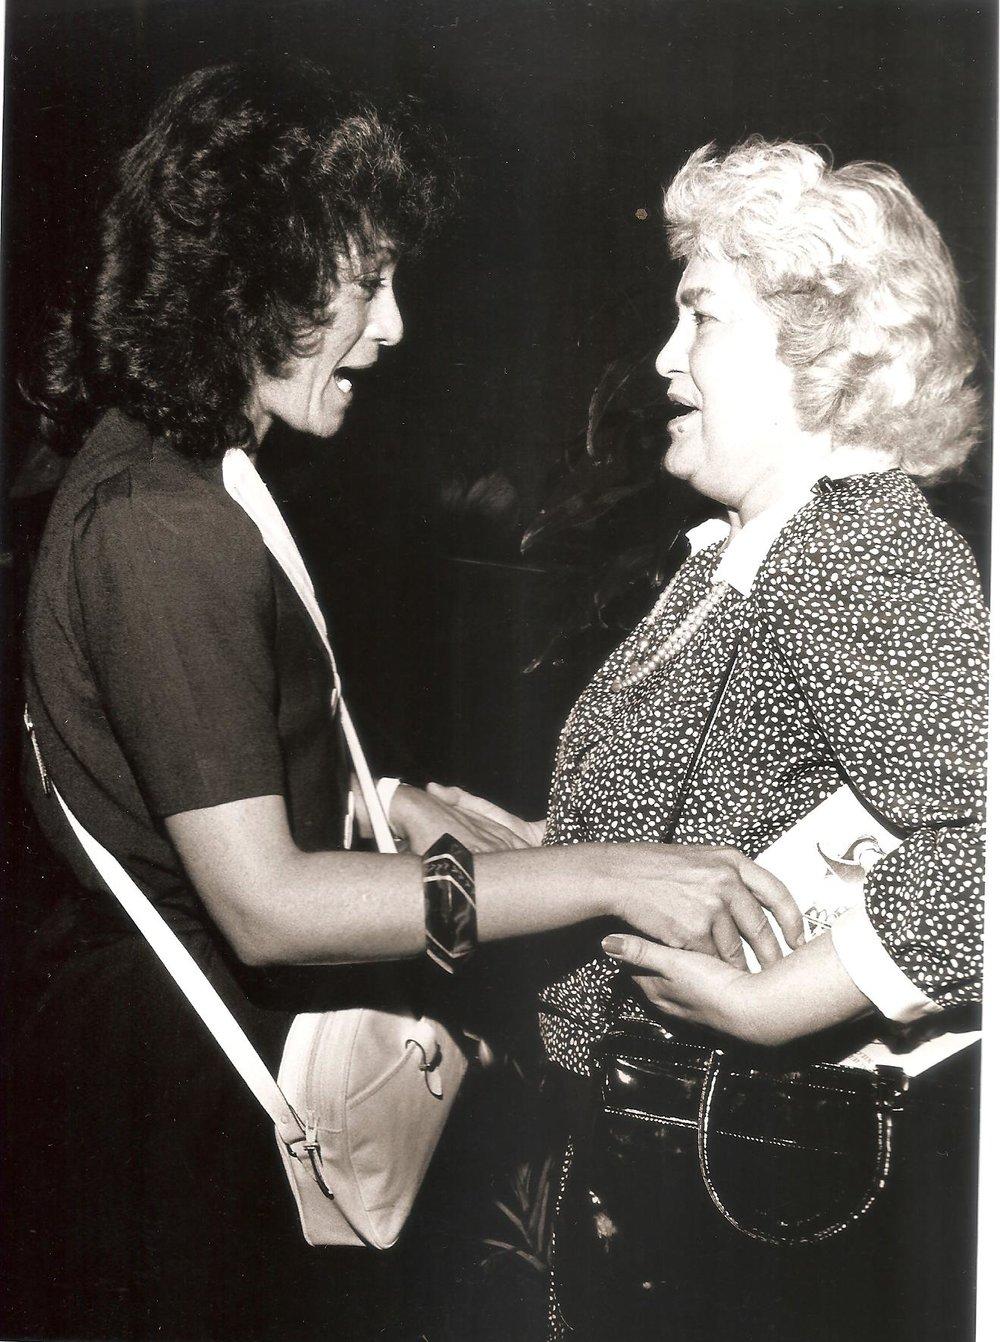 """Lolita Lebrón y GA. Galería Plaza de las Américas. Puesta en circulación y exposición de """"En Barco de Papel"""". San Juan de Puerto Rico, 29 de julio 1988."""